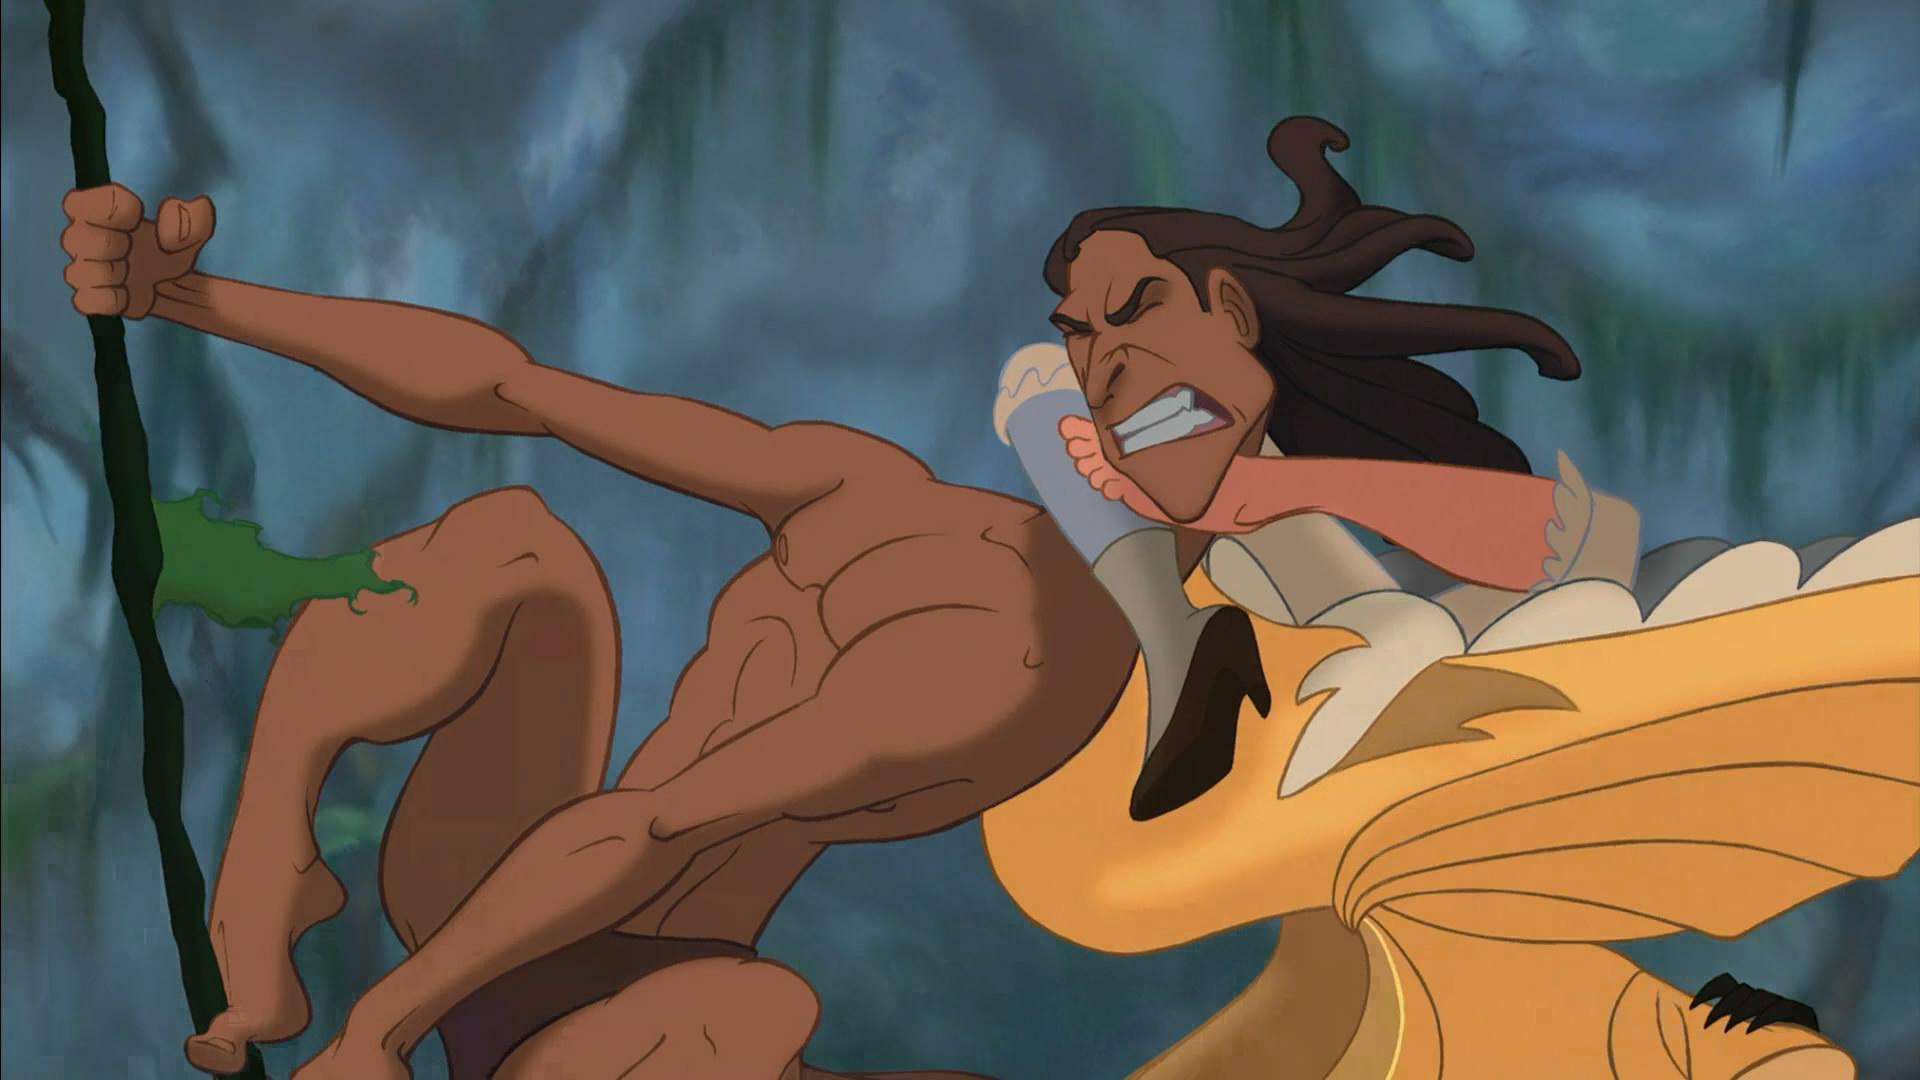 Tarzan  1999  BDrip 1080p ENG ITA x264 MultiSub  Shiv .mkv snapshot 00.36.17  2017.10.20 15.10.41